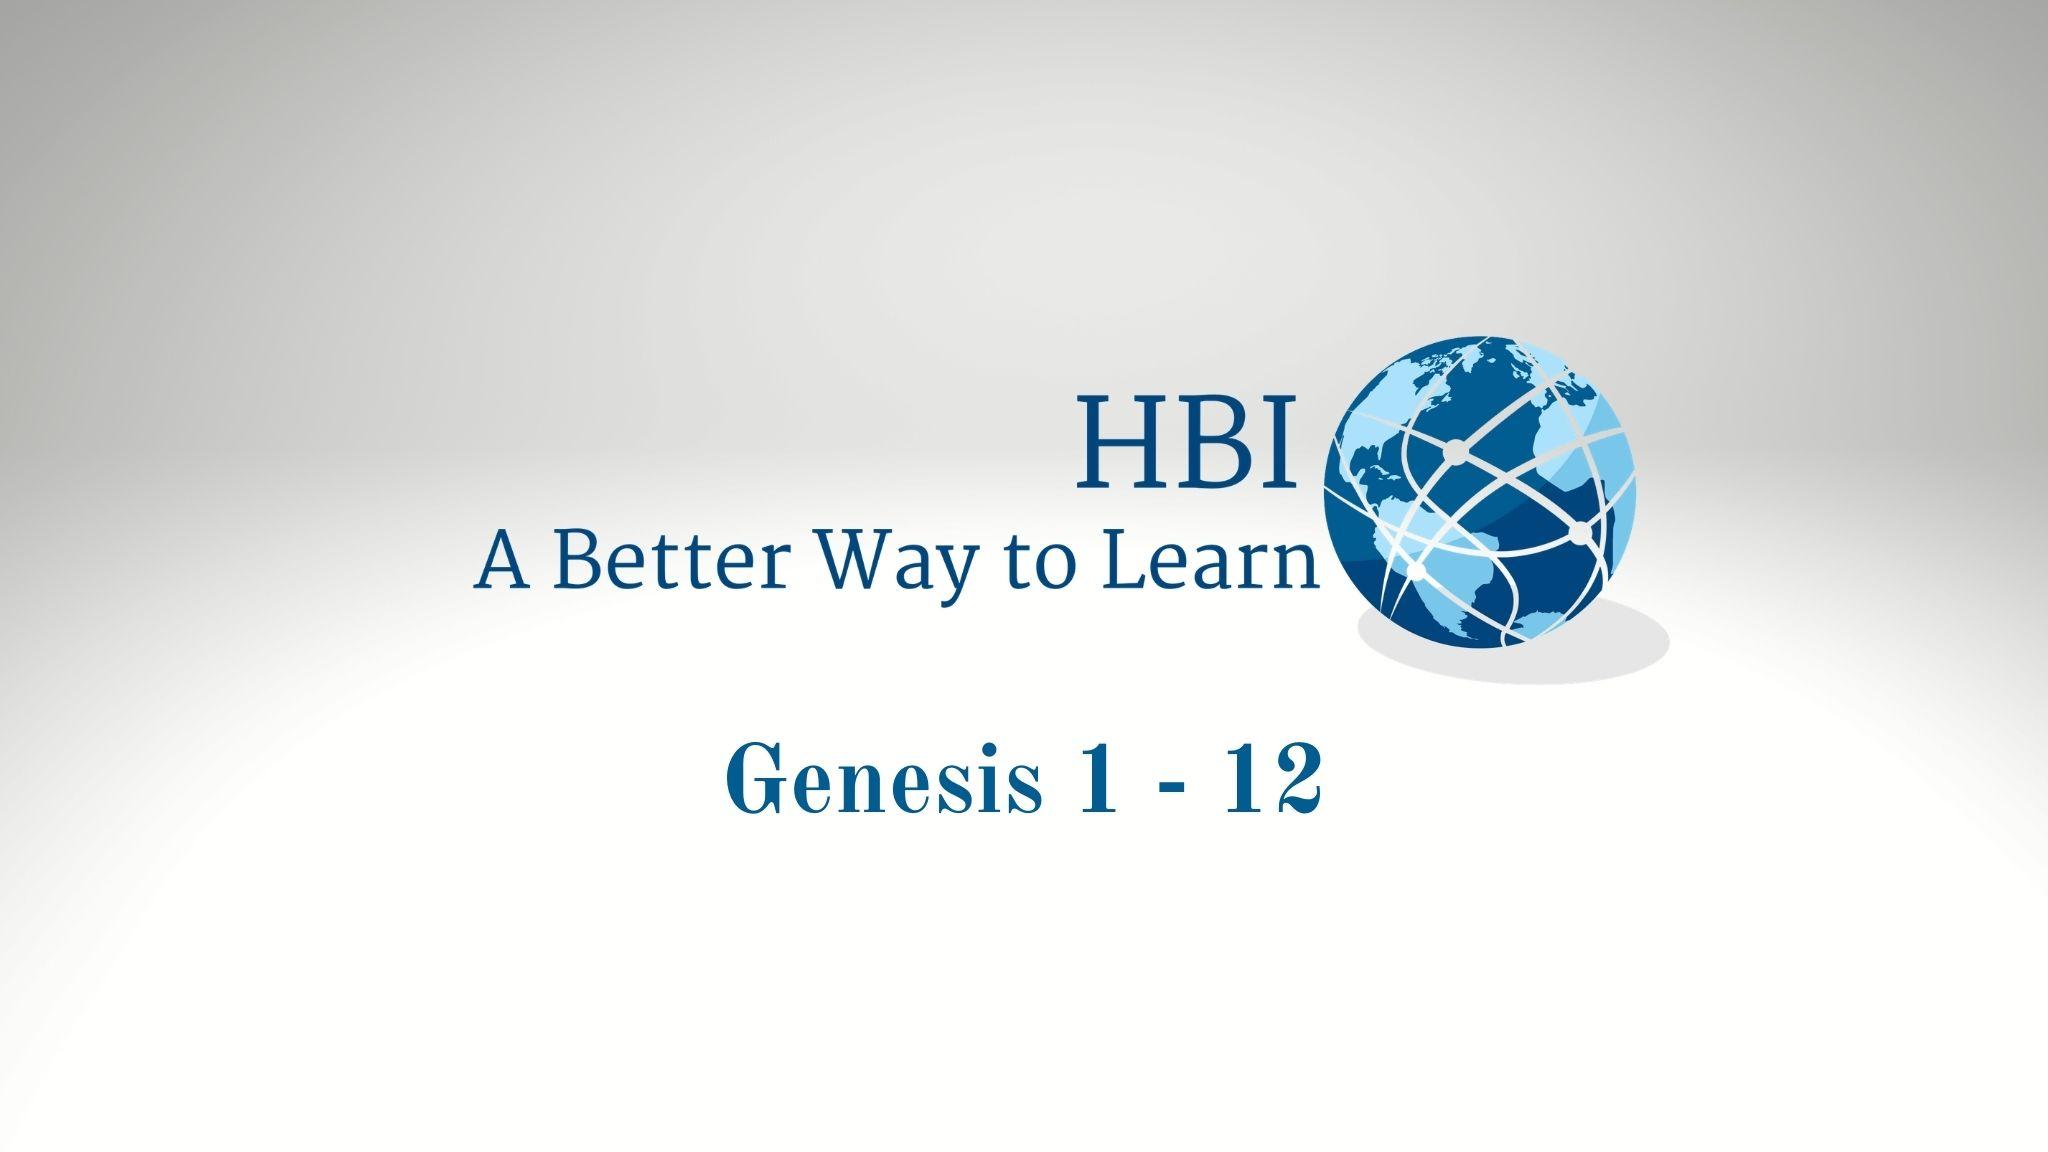 Genesis 1 - 12